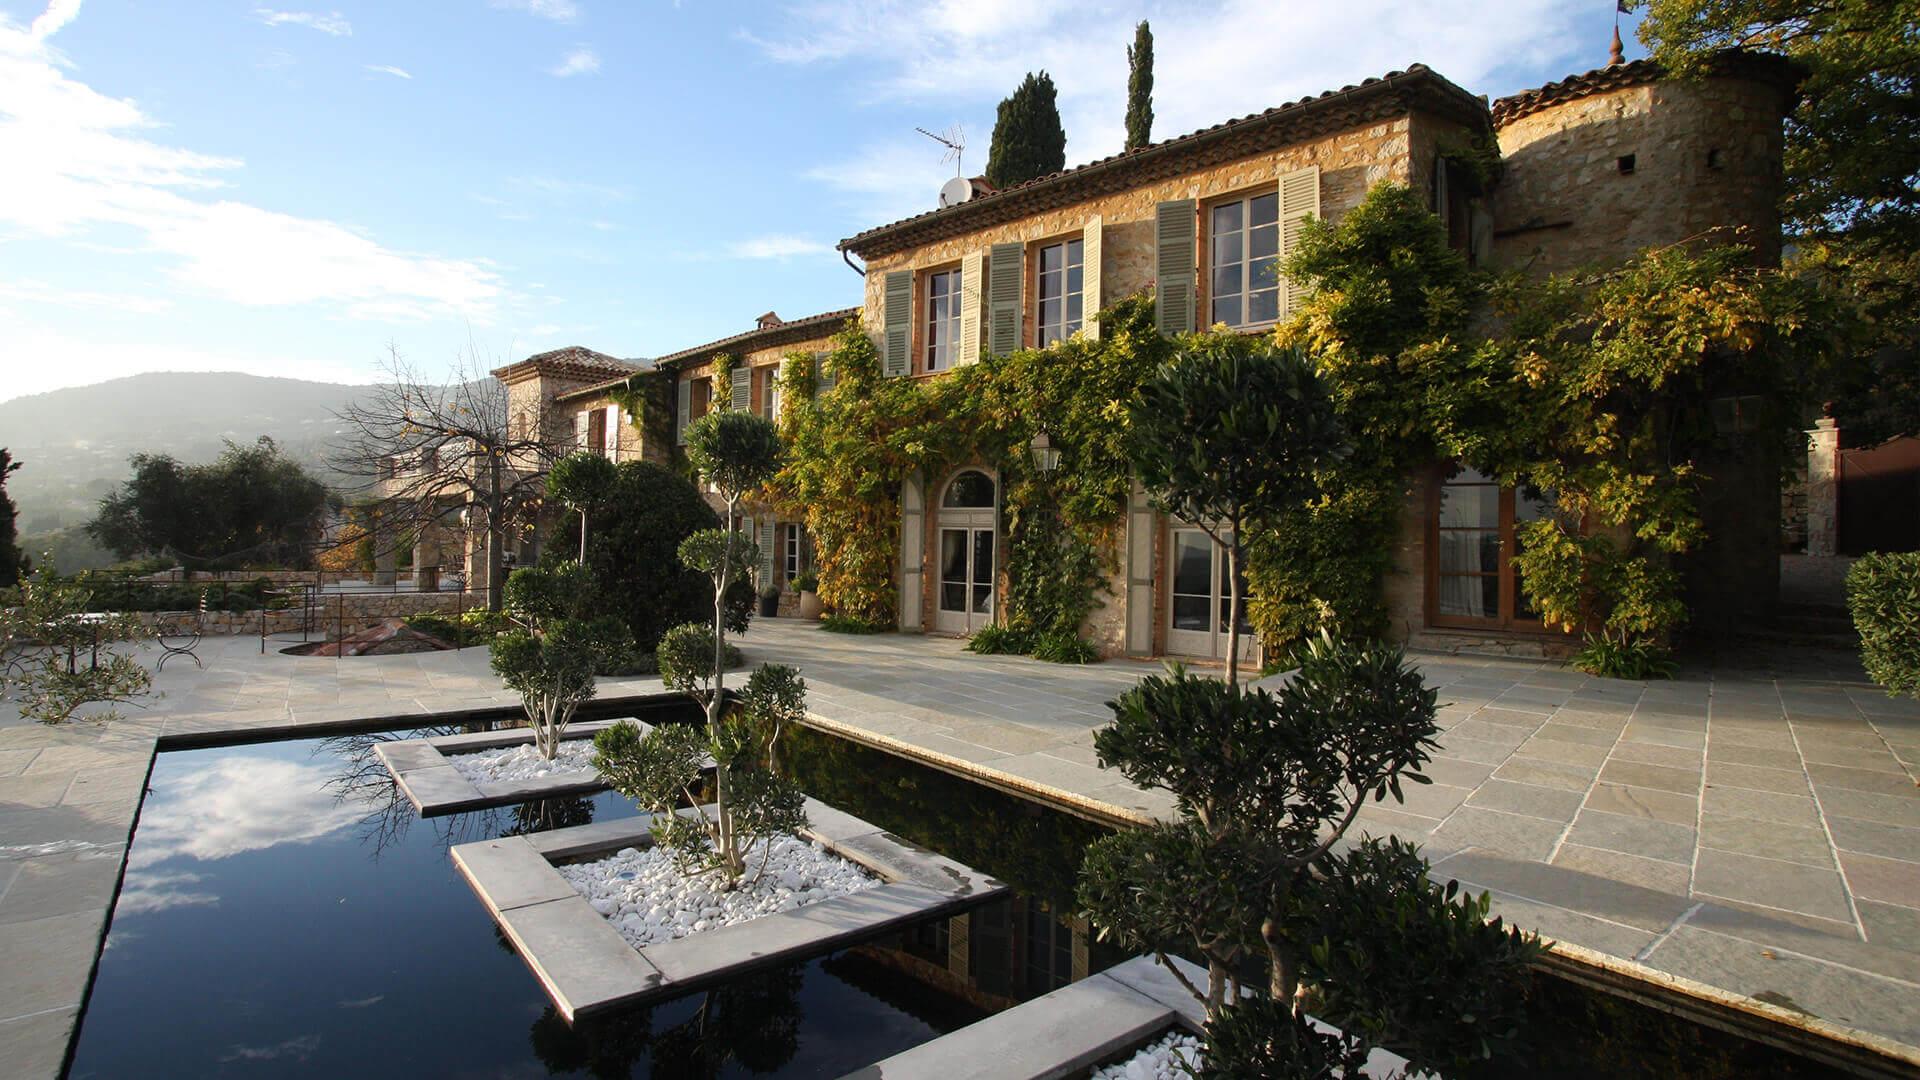 Bastide Provencale villa front with fountain